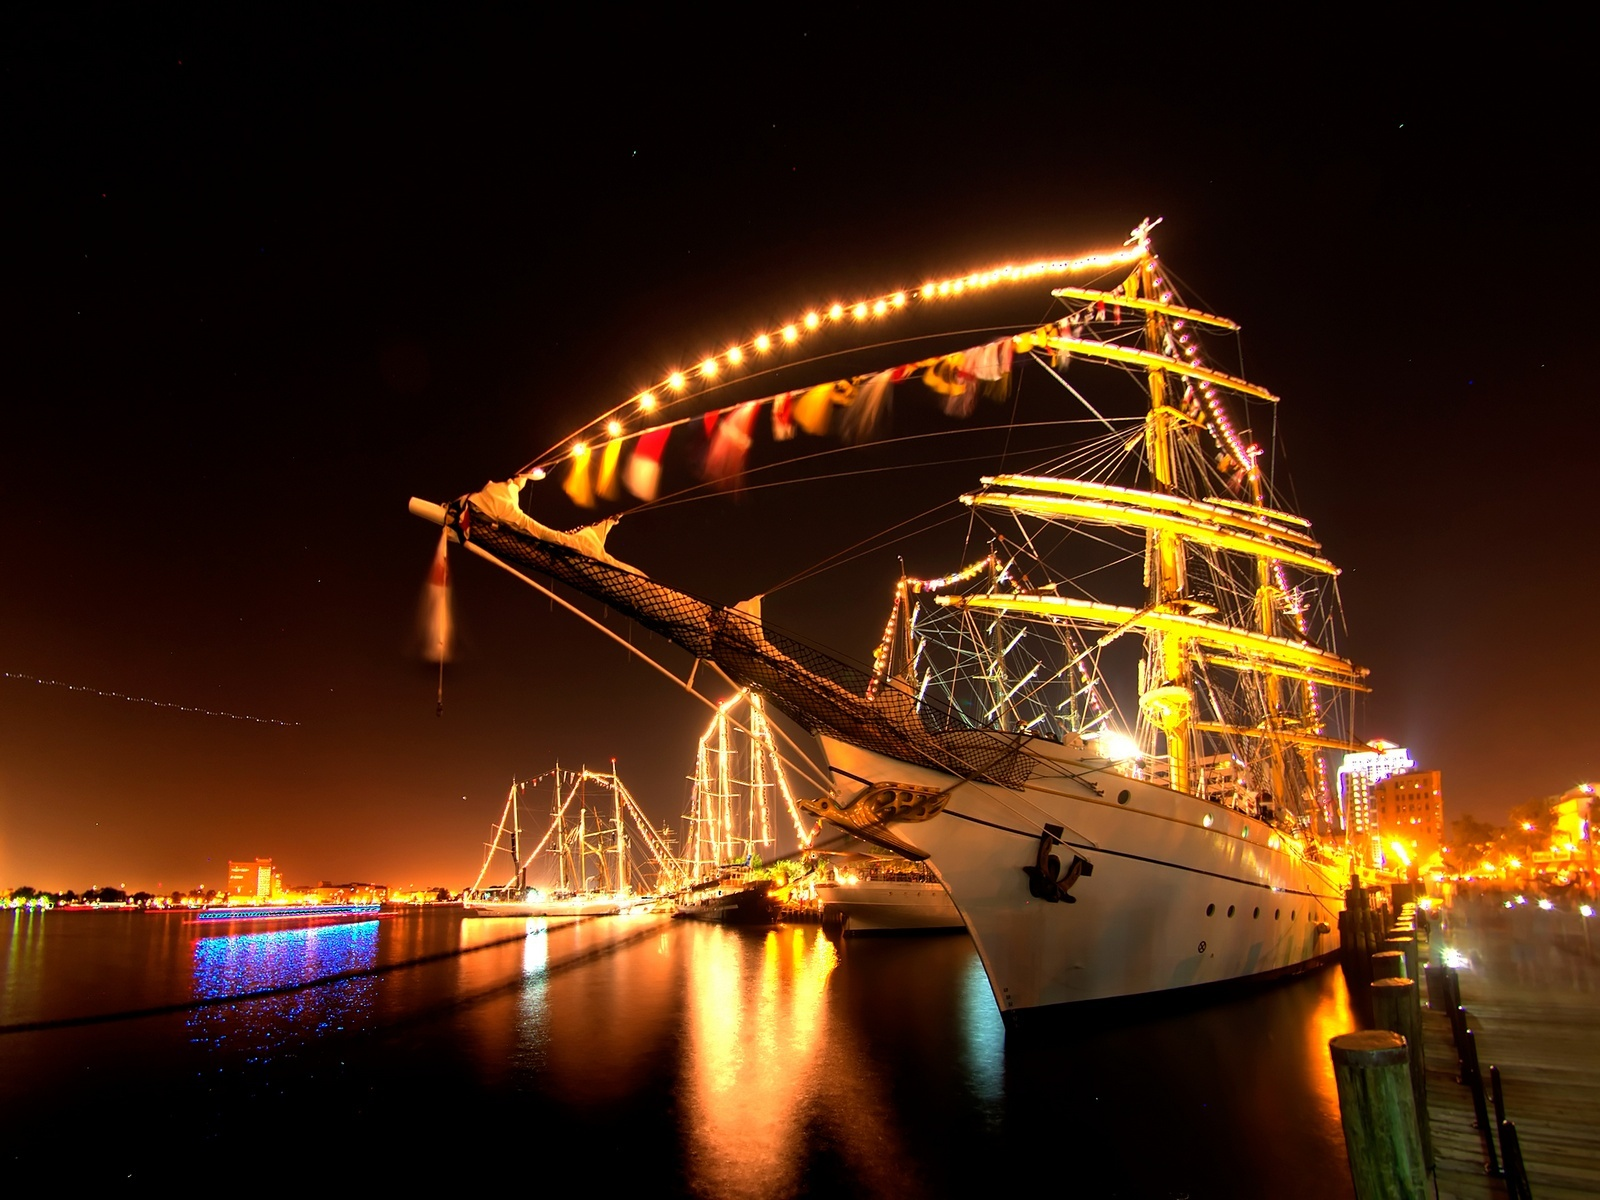 Цветной корабль, фонари, причал, ночь, красиво, корабли, обои